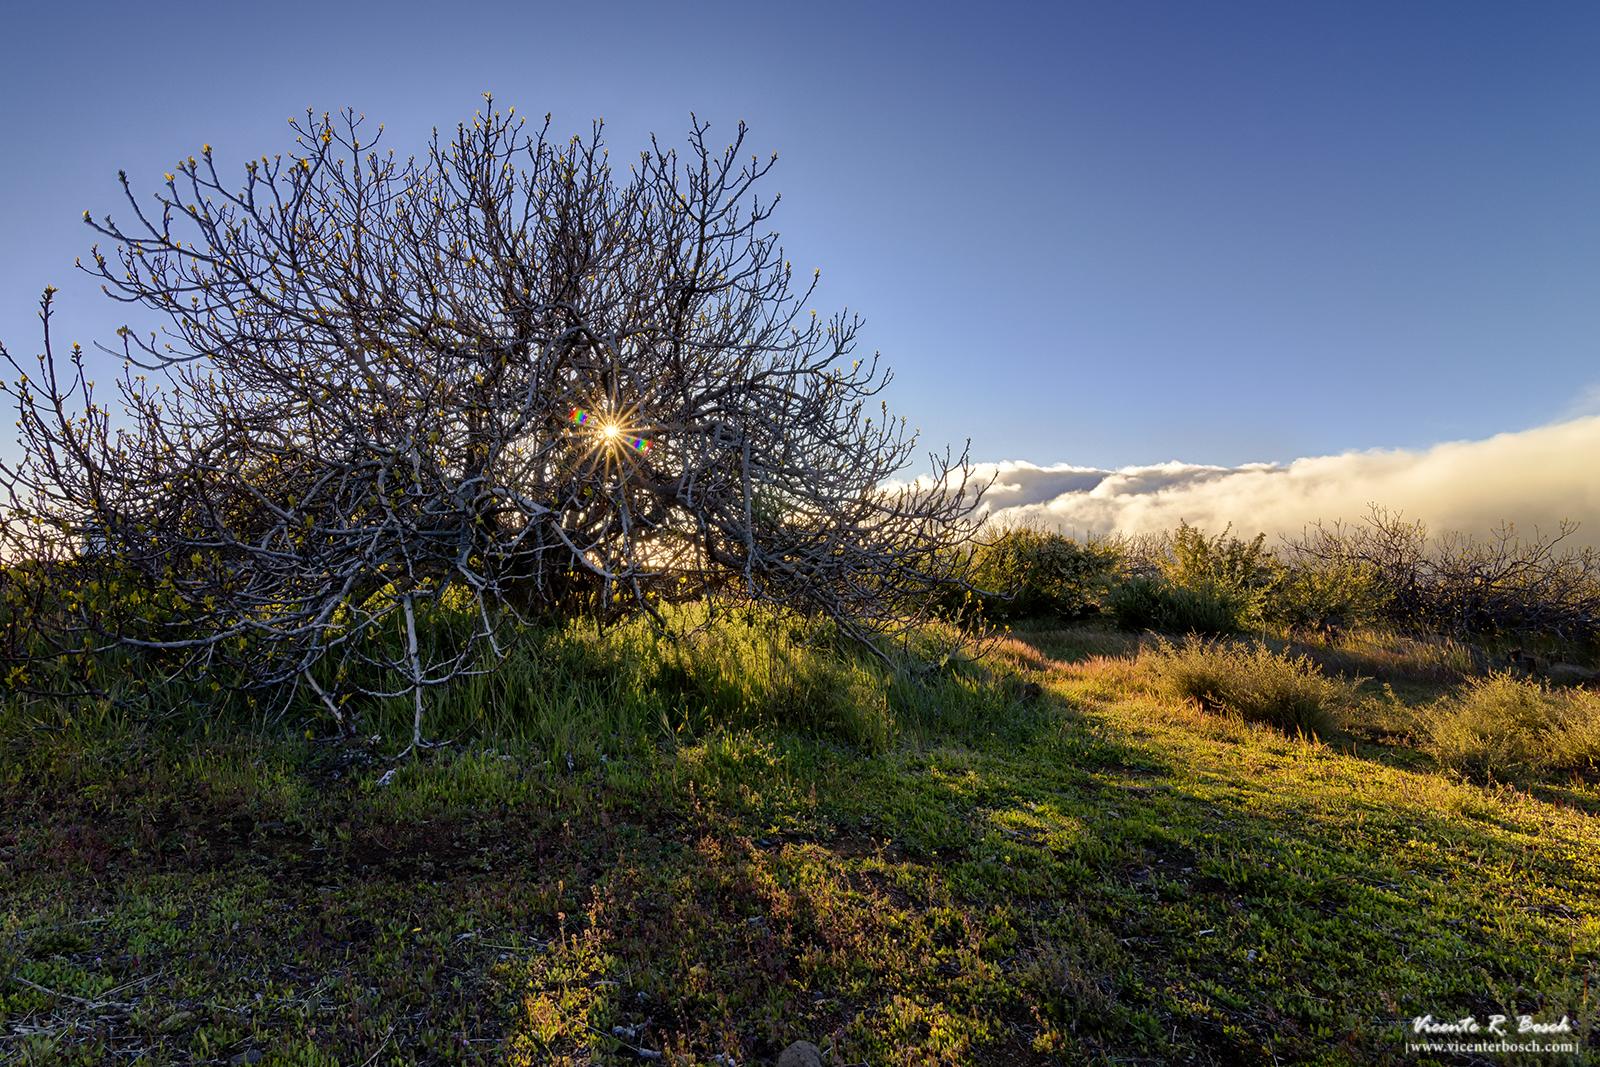 Atardecer en la higuera - Santiago del Teide - Valle de Arriba